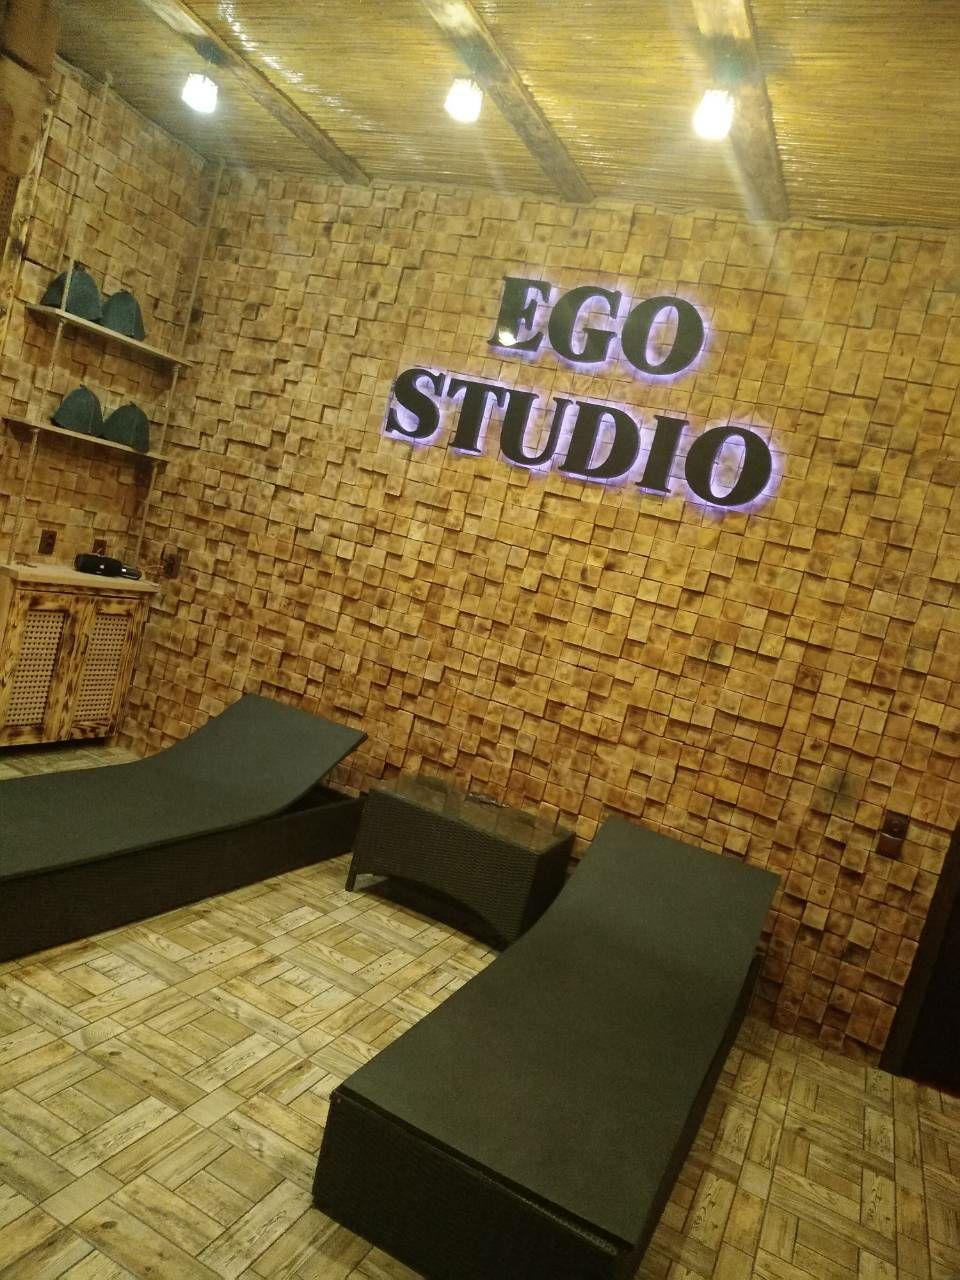 №24994 Баня, сауна, хаммам в Харькове. «Ego Studio»